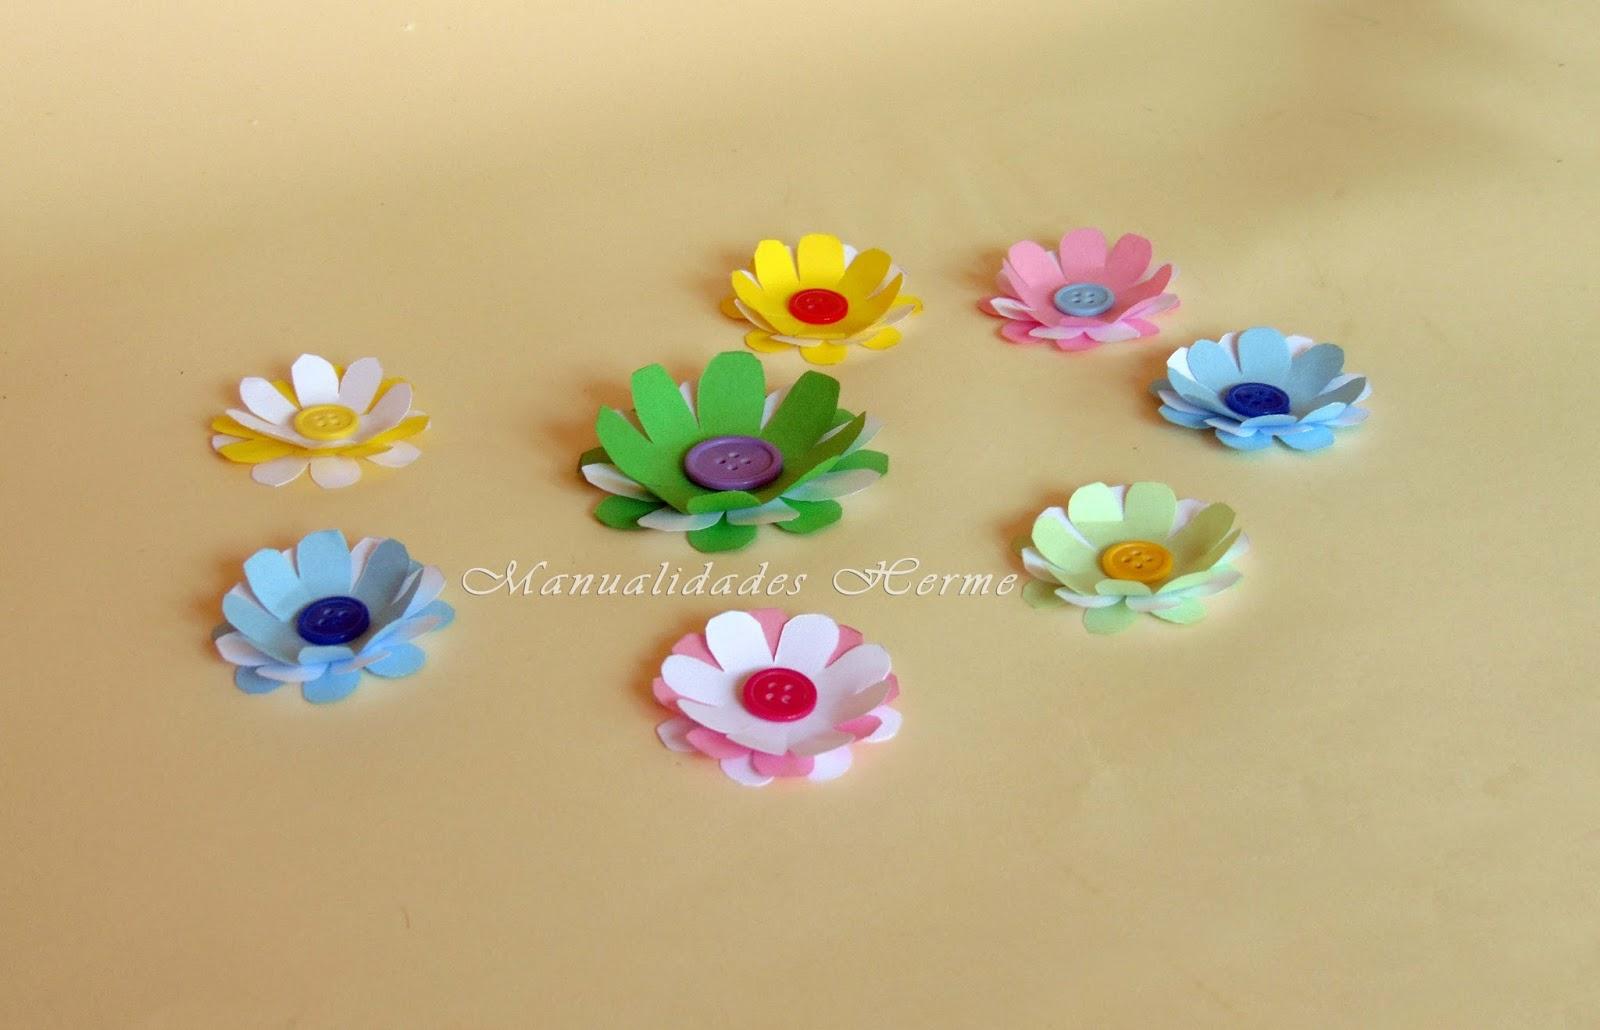 Manualidades herme como hacer flores de papel paso a paso - Decorar con papel ...